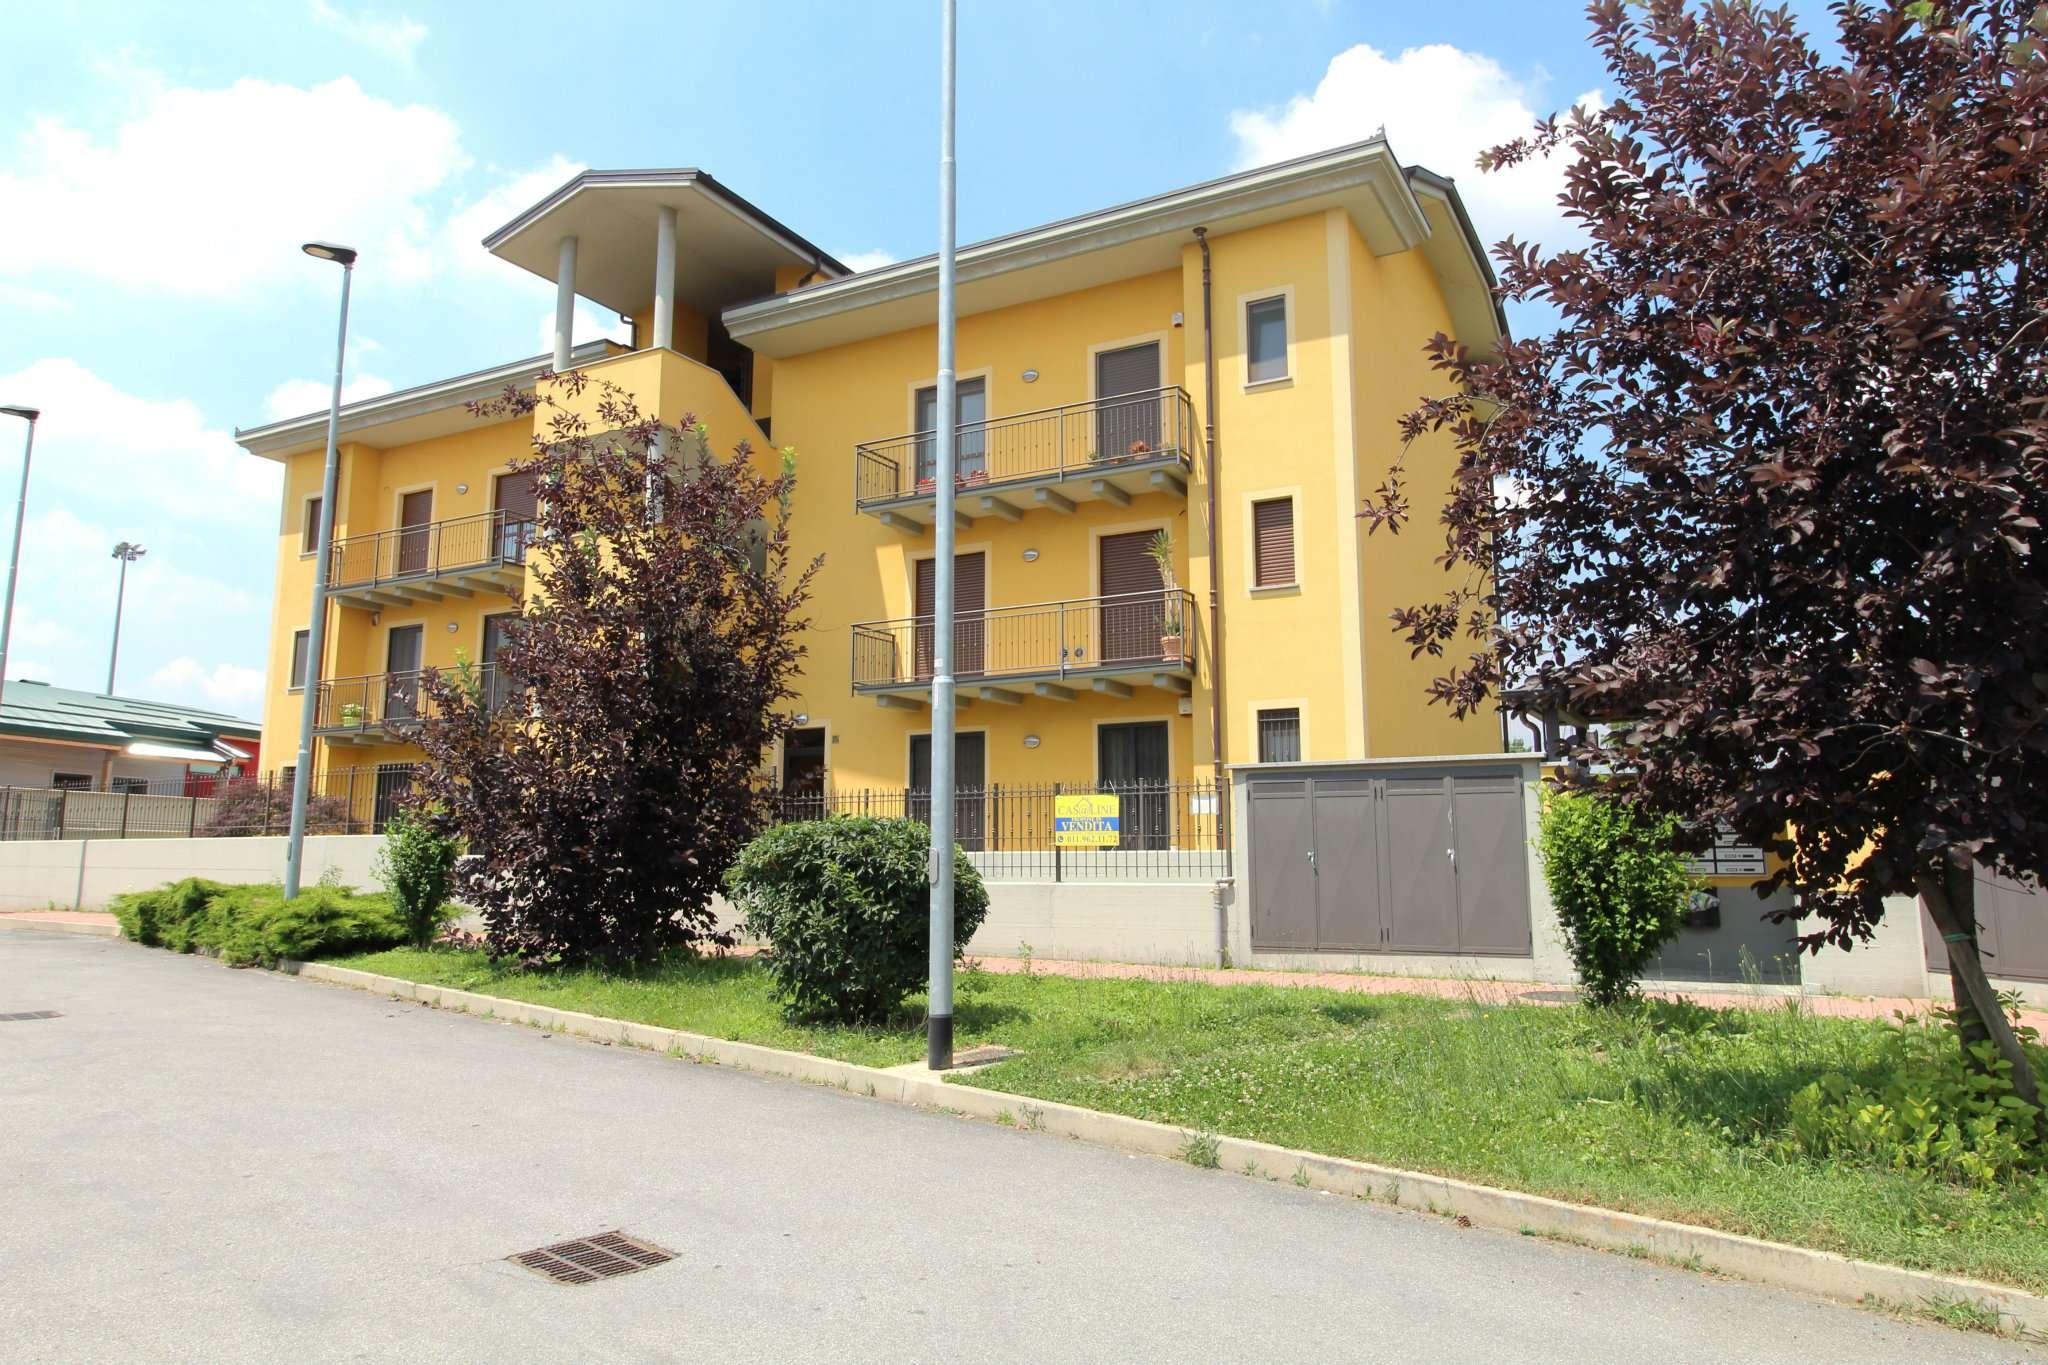 Appartamento in vendita a Candiolo, 2 locali, prezzo € 75.000 | CambioCasa.it